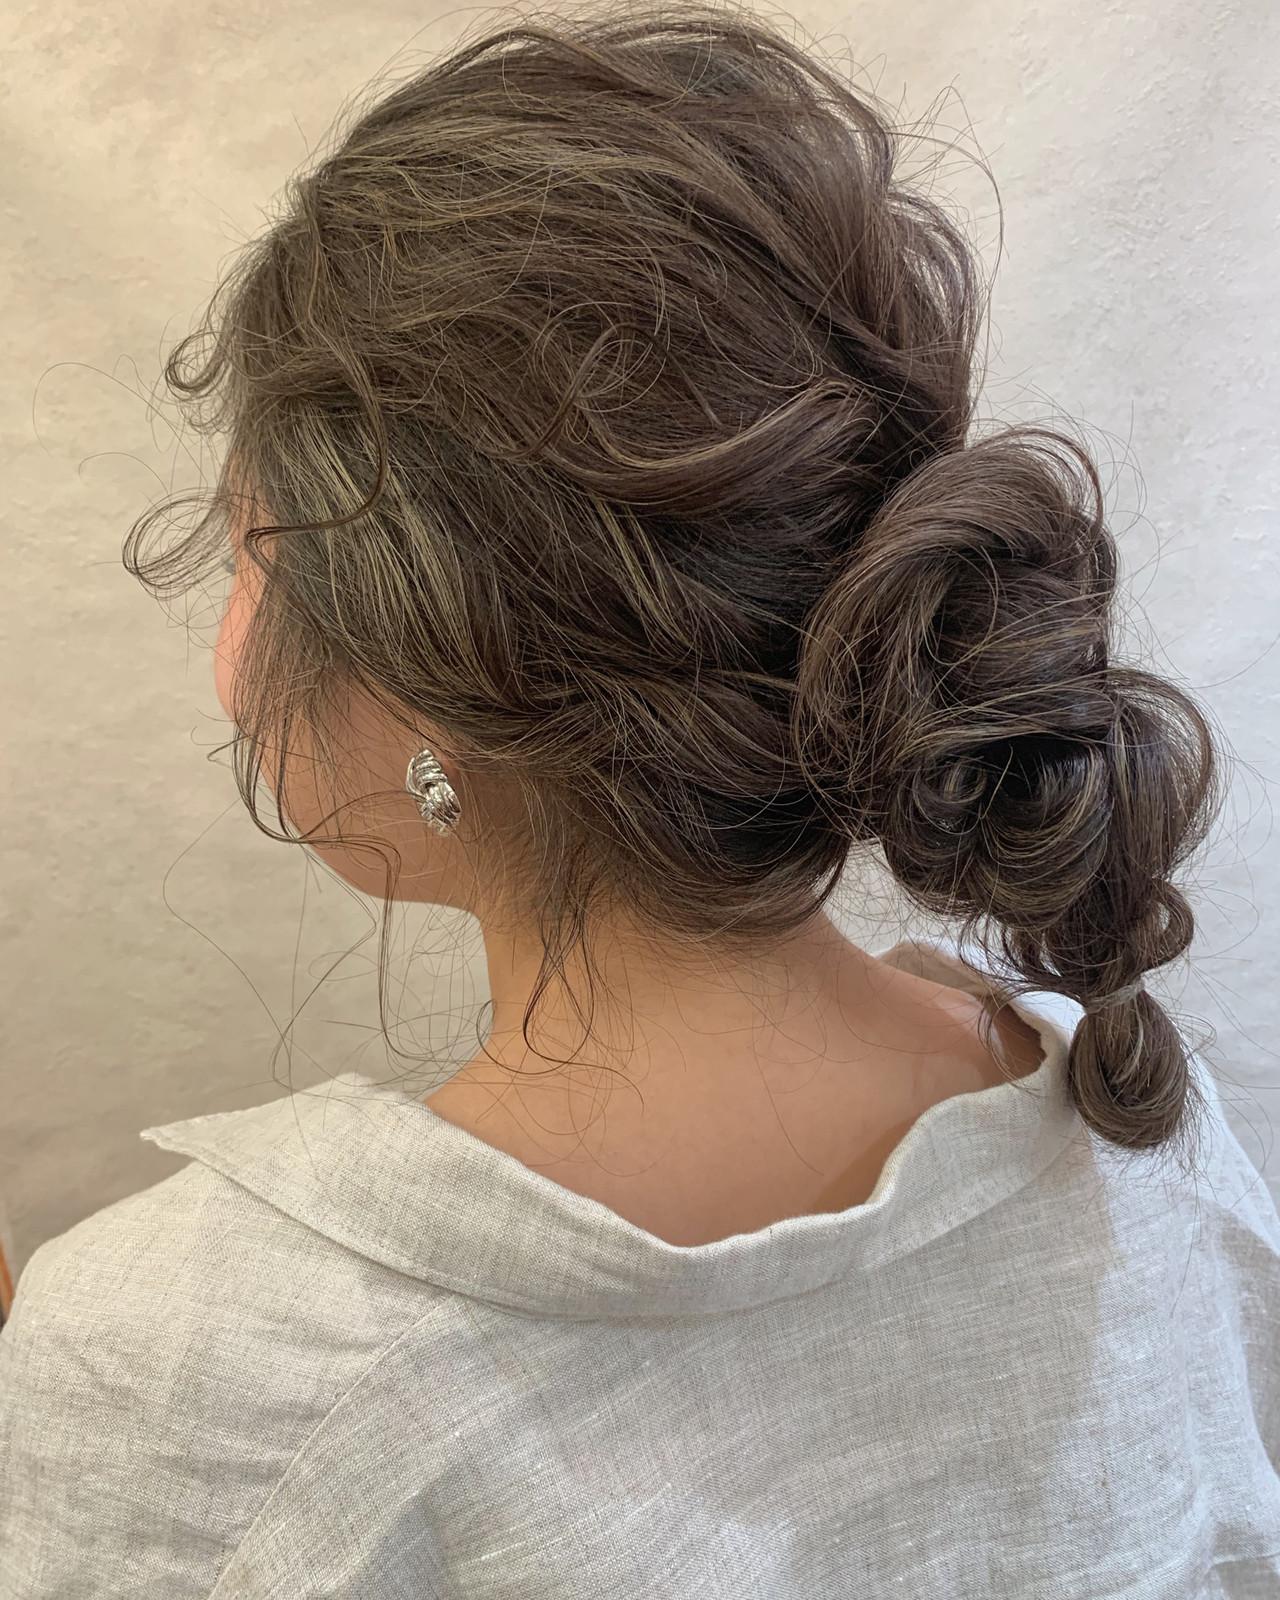 セミロング ヘアアレンジ スポーツ フェミニン ヘアスタイルや髪型の写真・画像 | 安永怜 / kakimotoarms田園調布